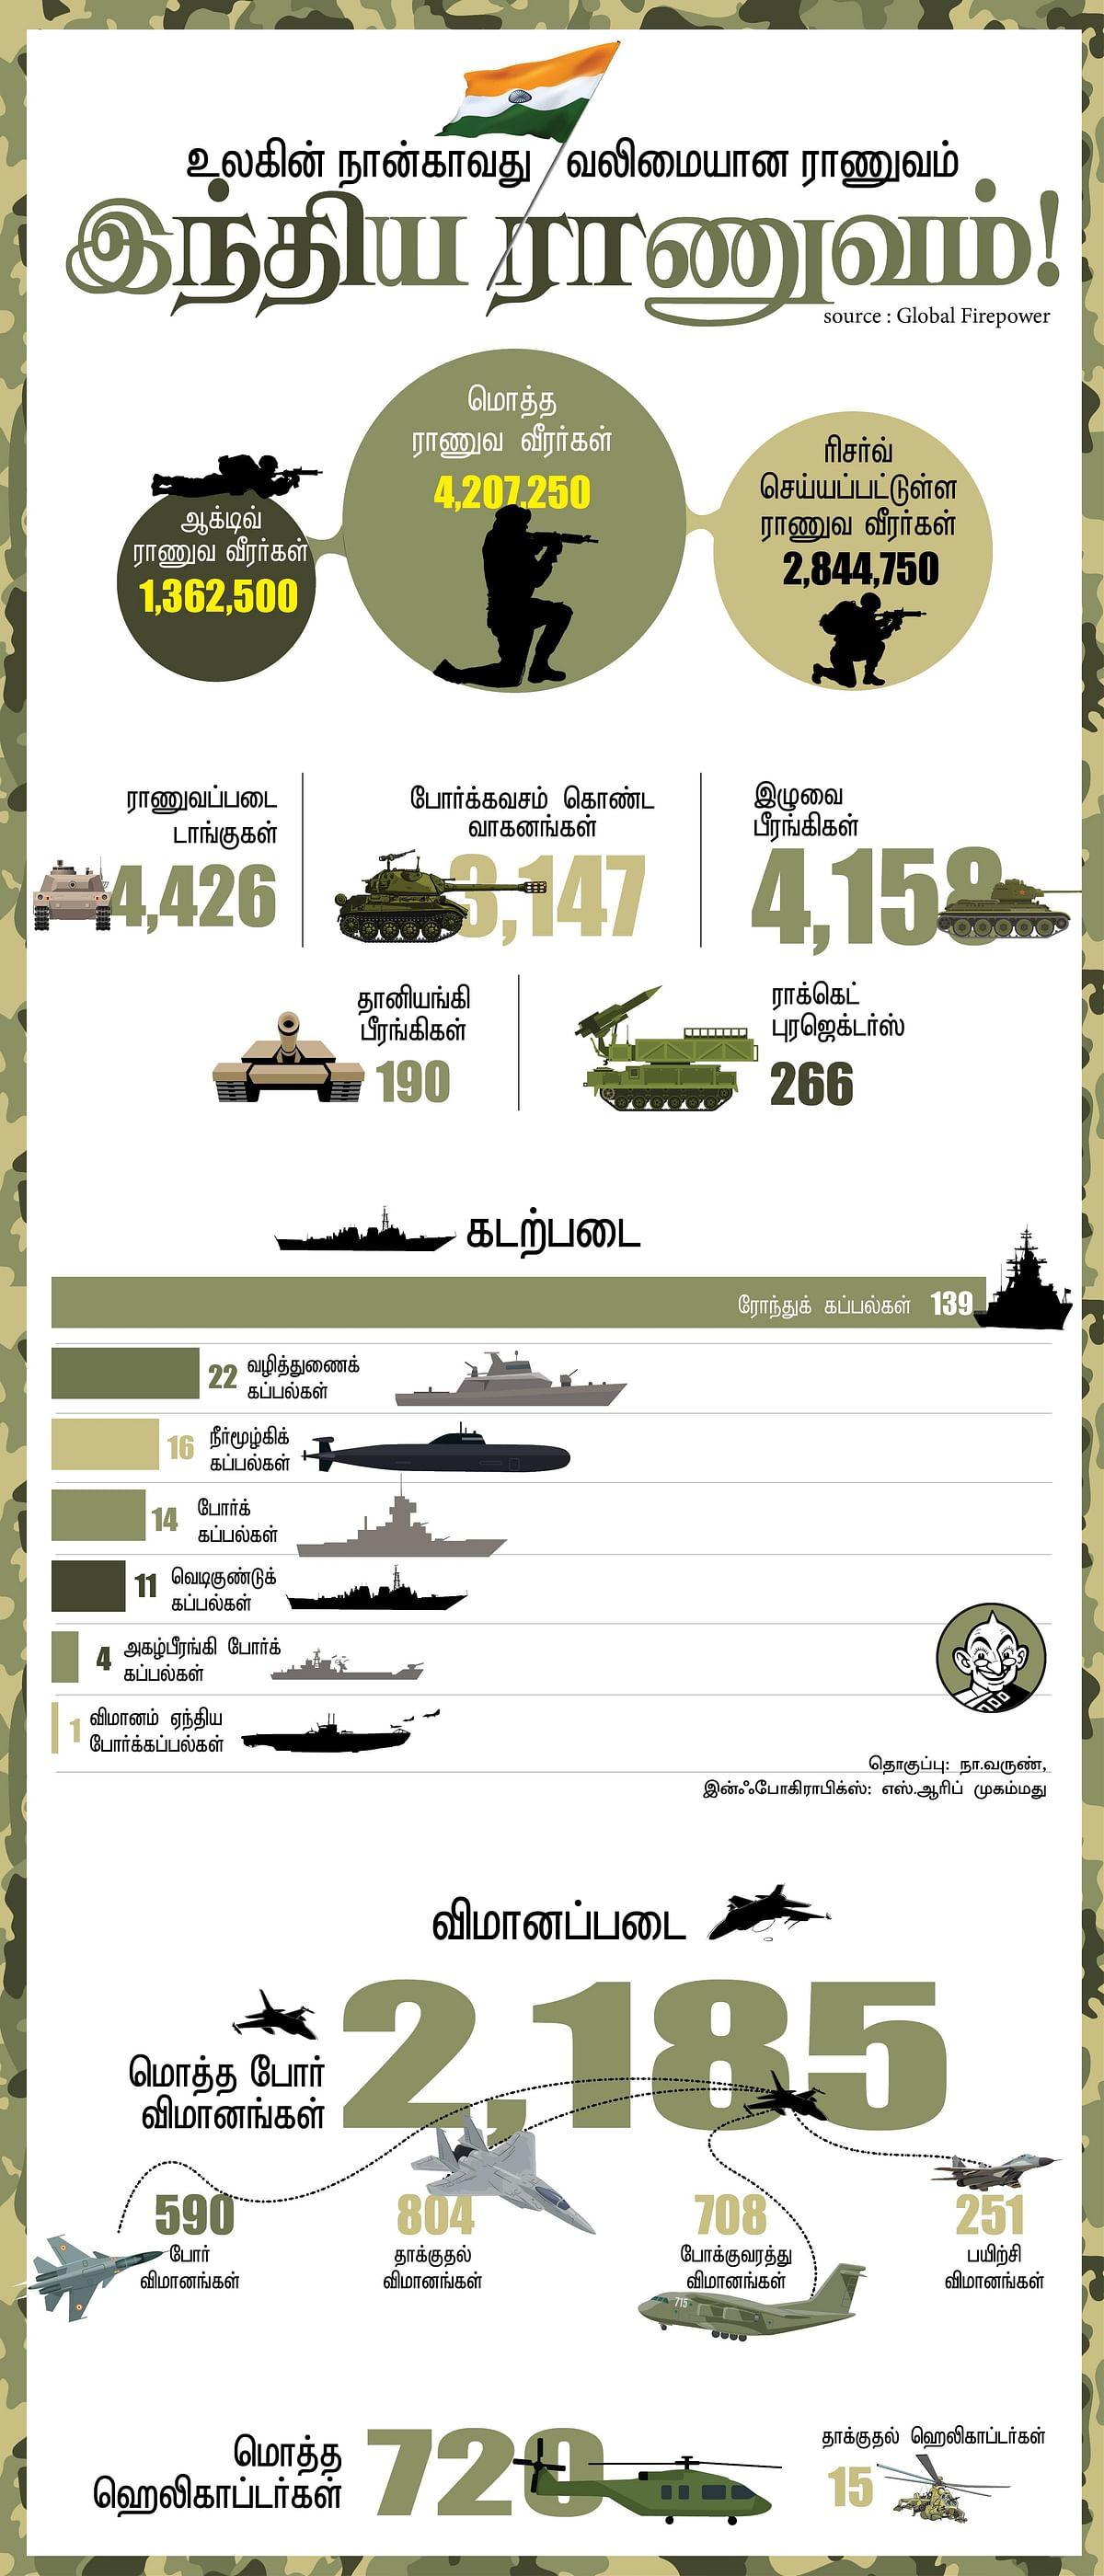 2,185 போர் விமானங்கள்; 42 லட்சம் வீரர்கள்... இந்திய ராணுவத்தின் வலிமை! #VikatanInfographics